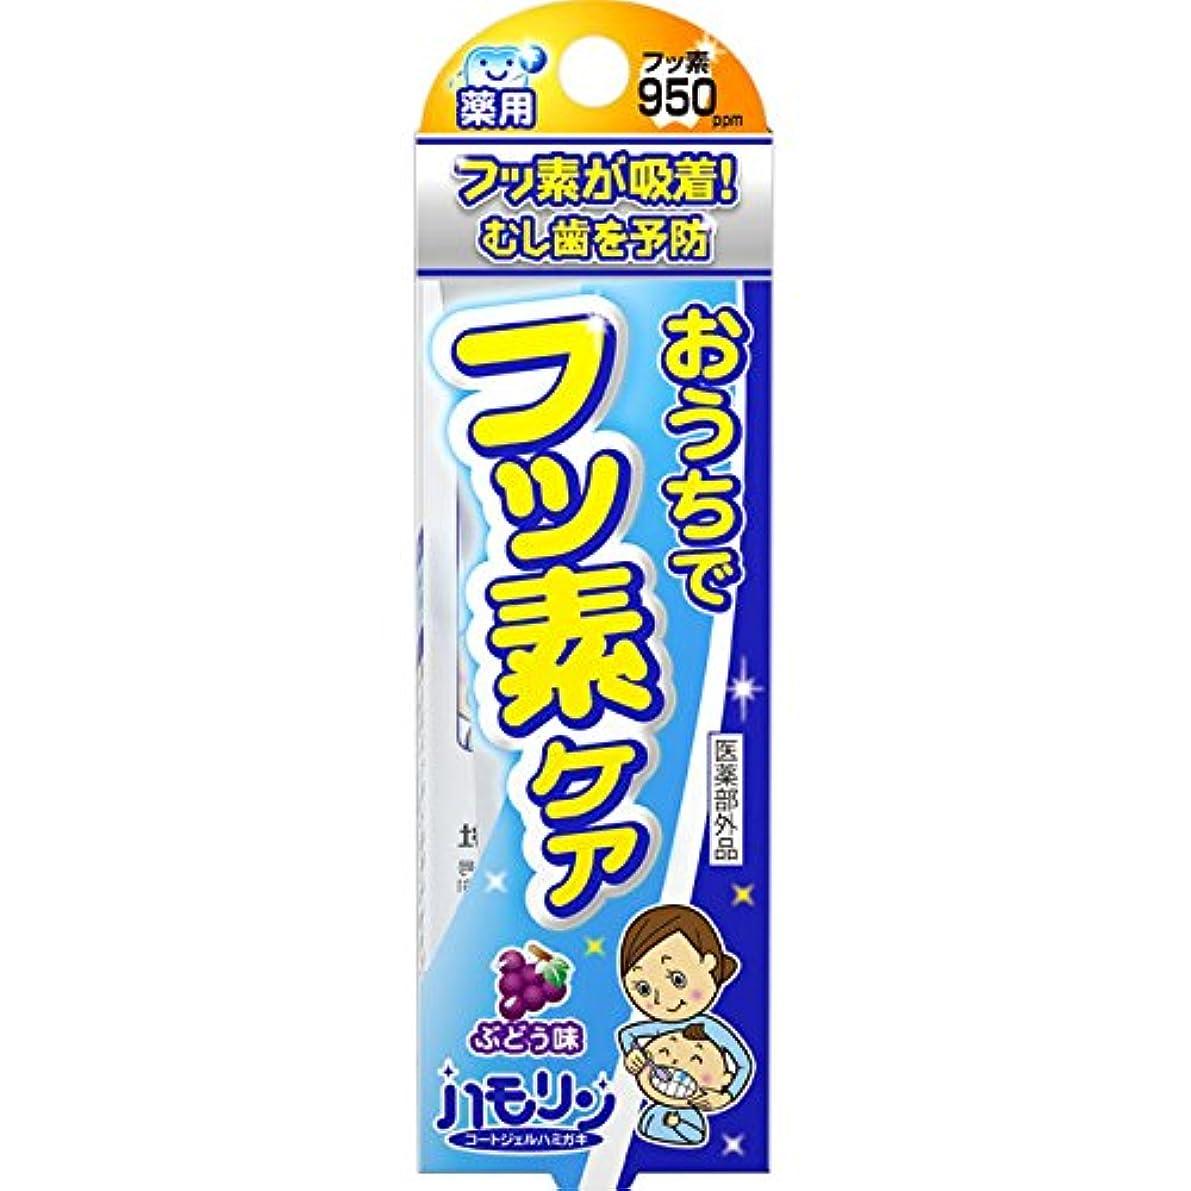 感情世辞キッチン丹平製薬 ハモリン ぶどう味 30g